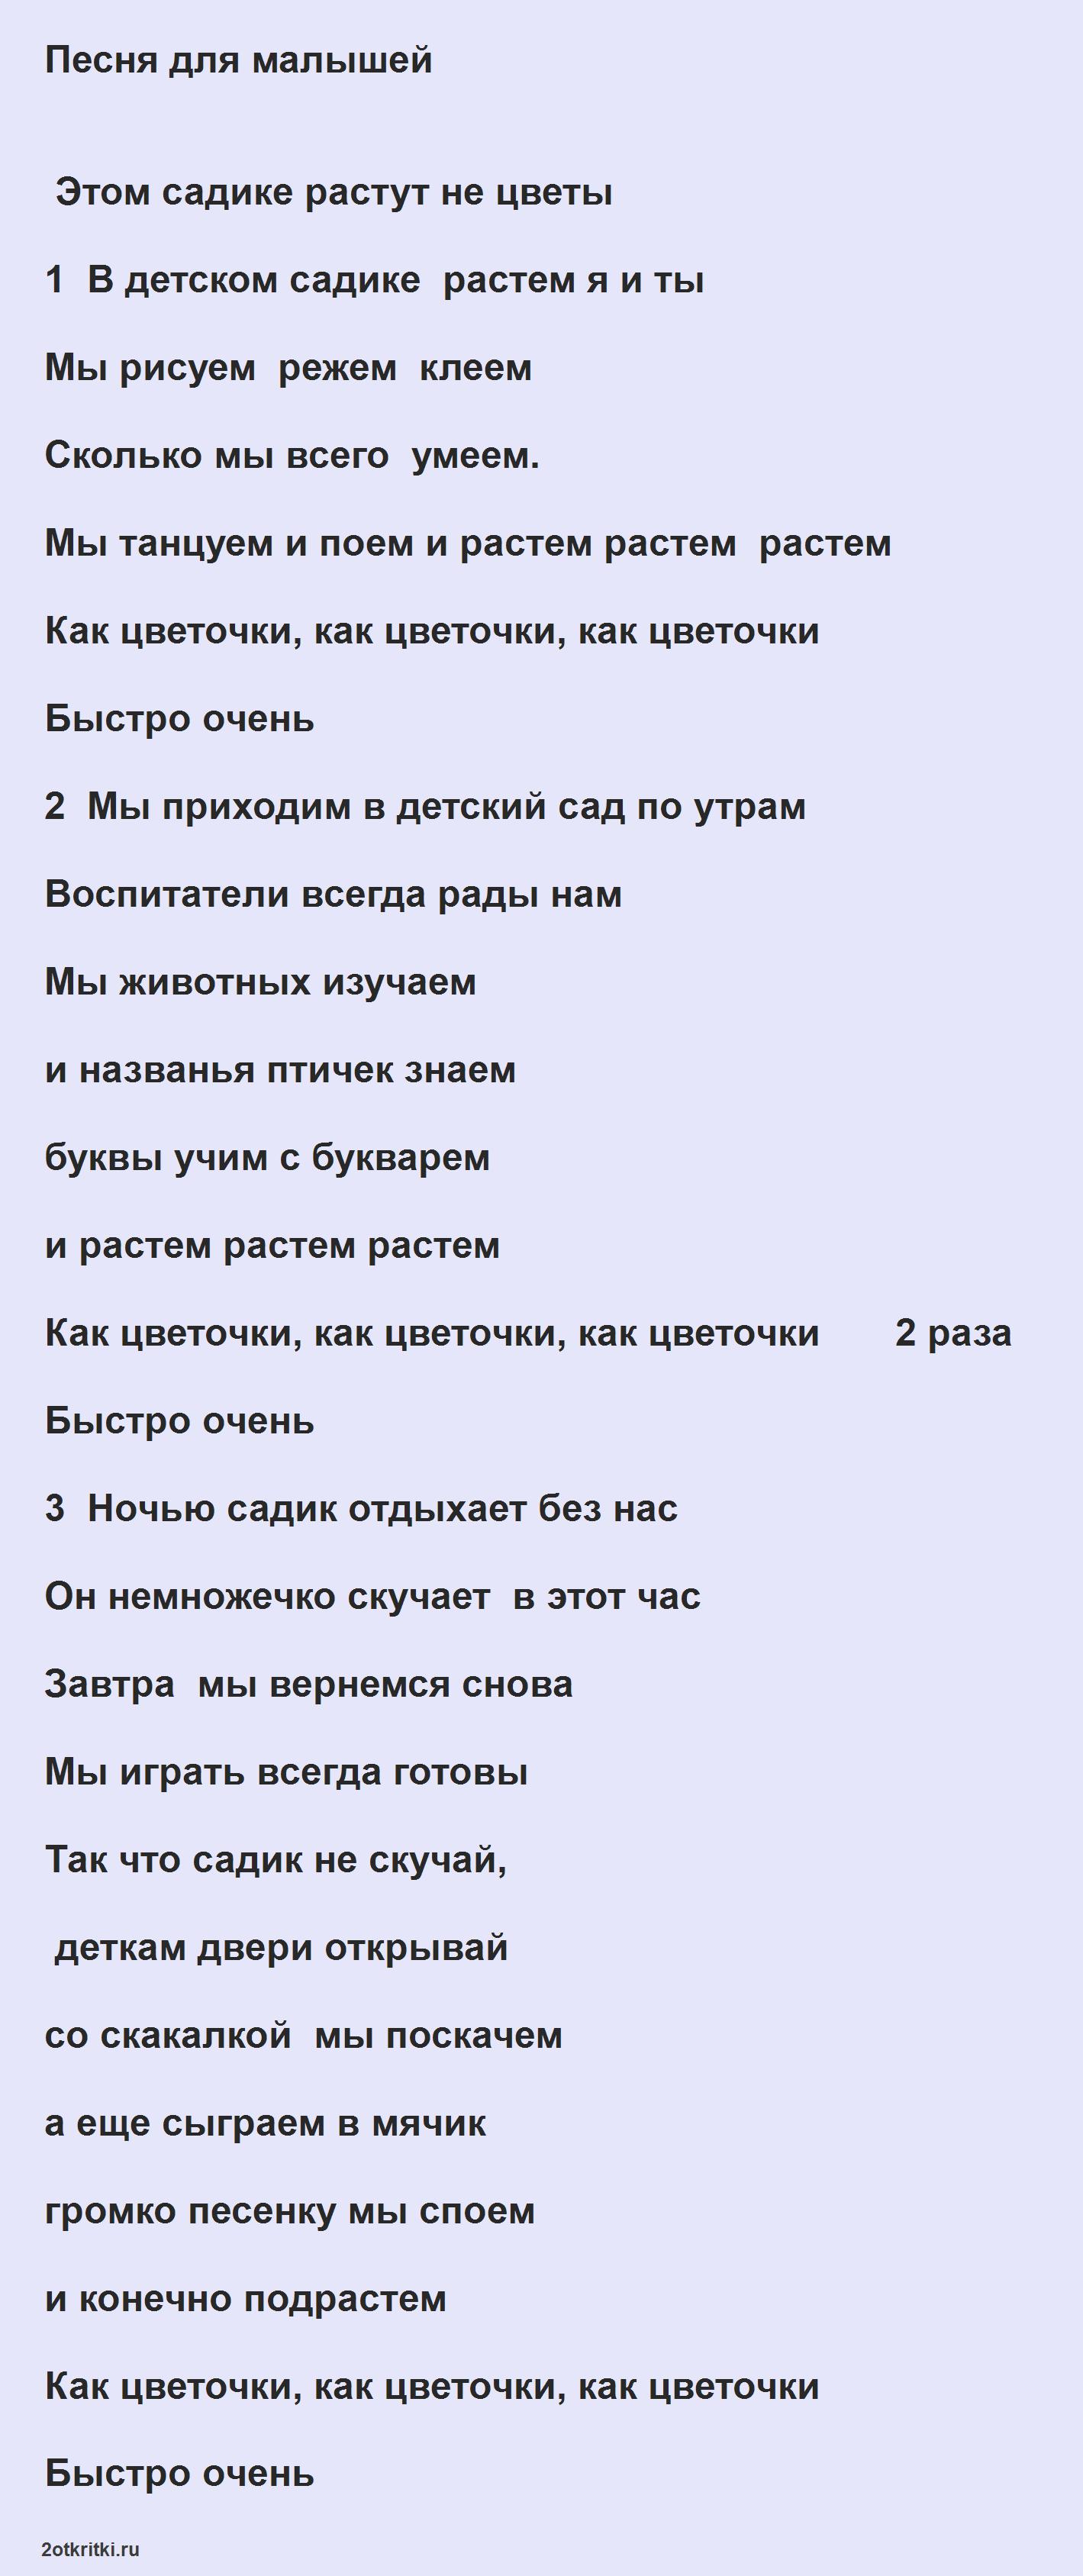 Песни для выпускного в детском саду